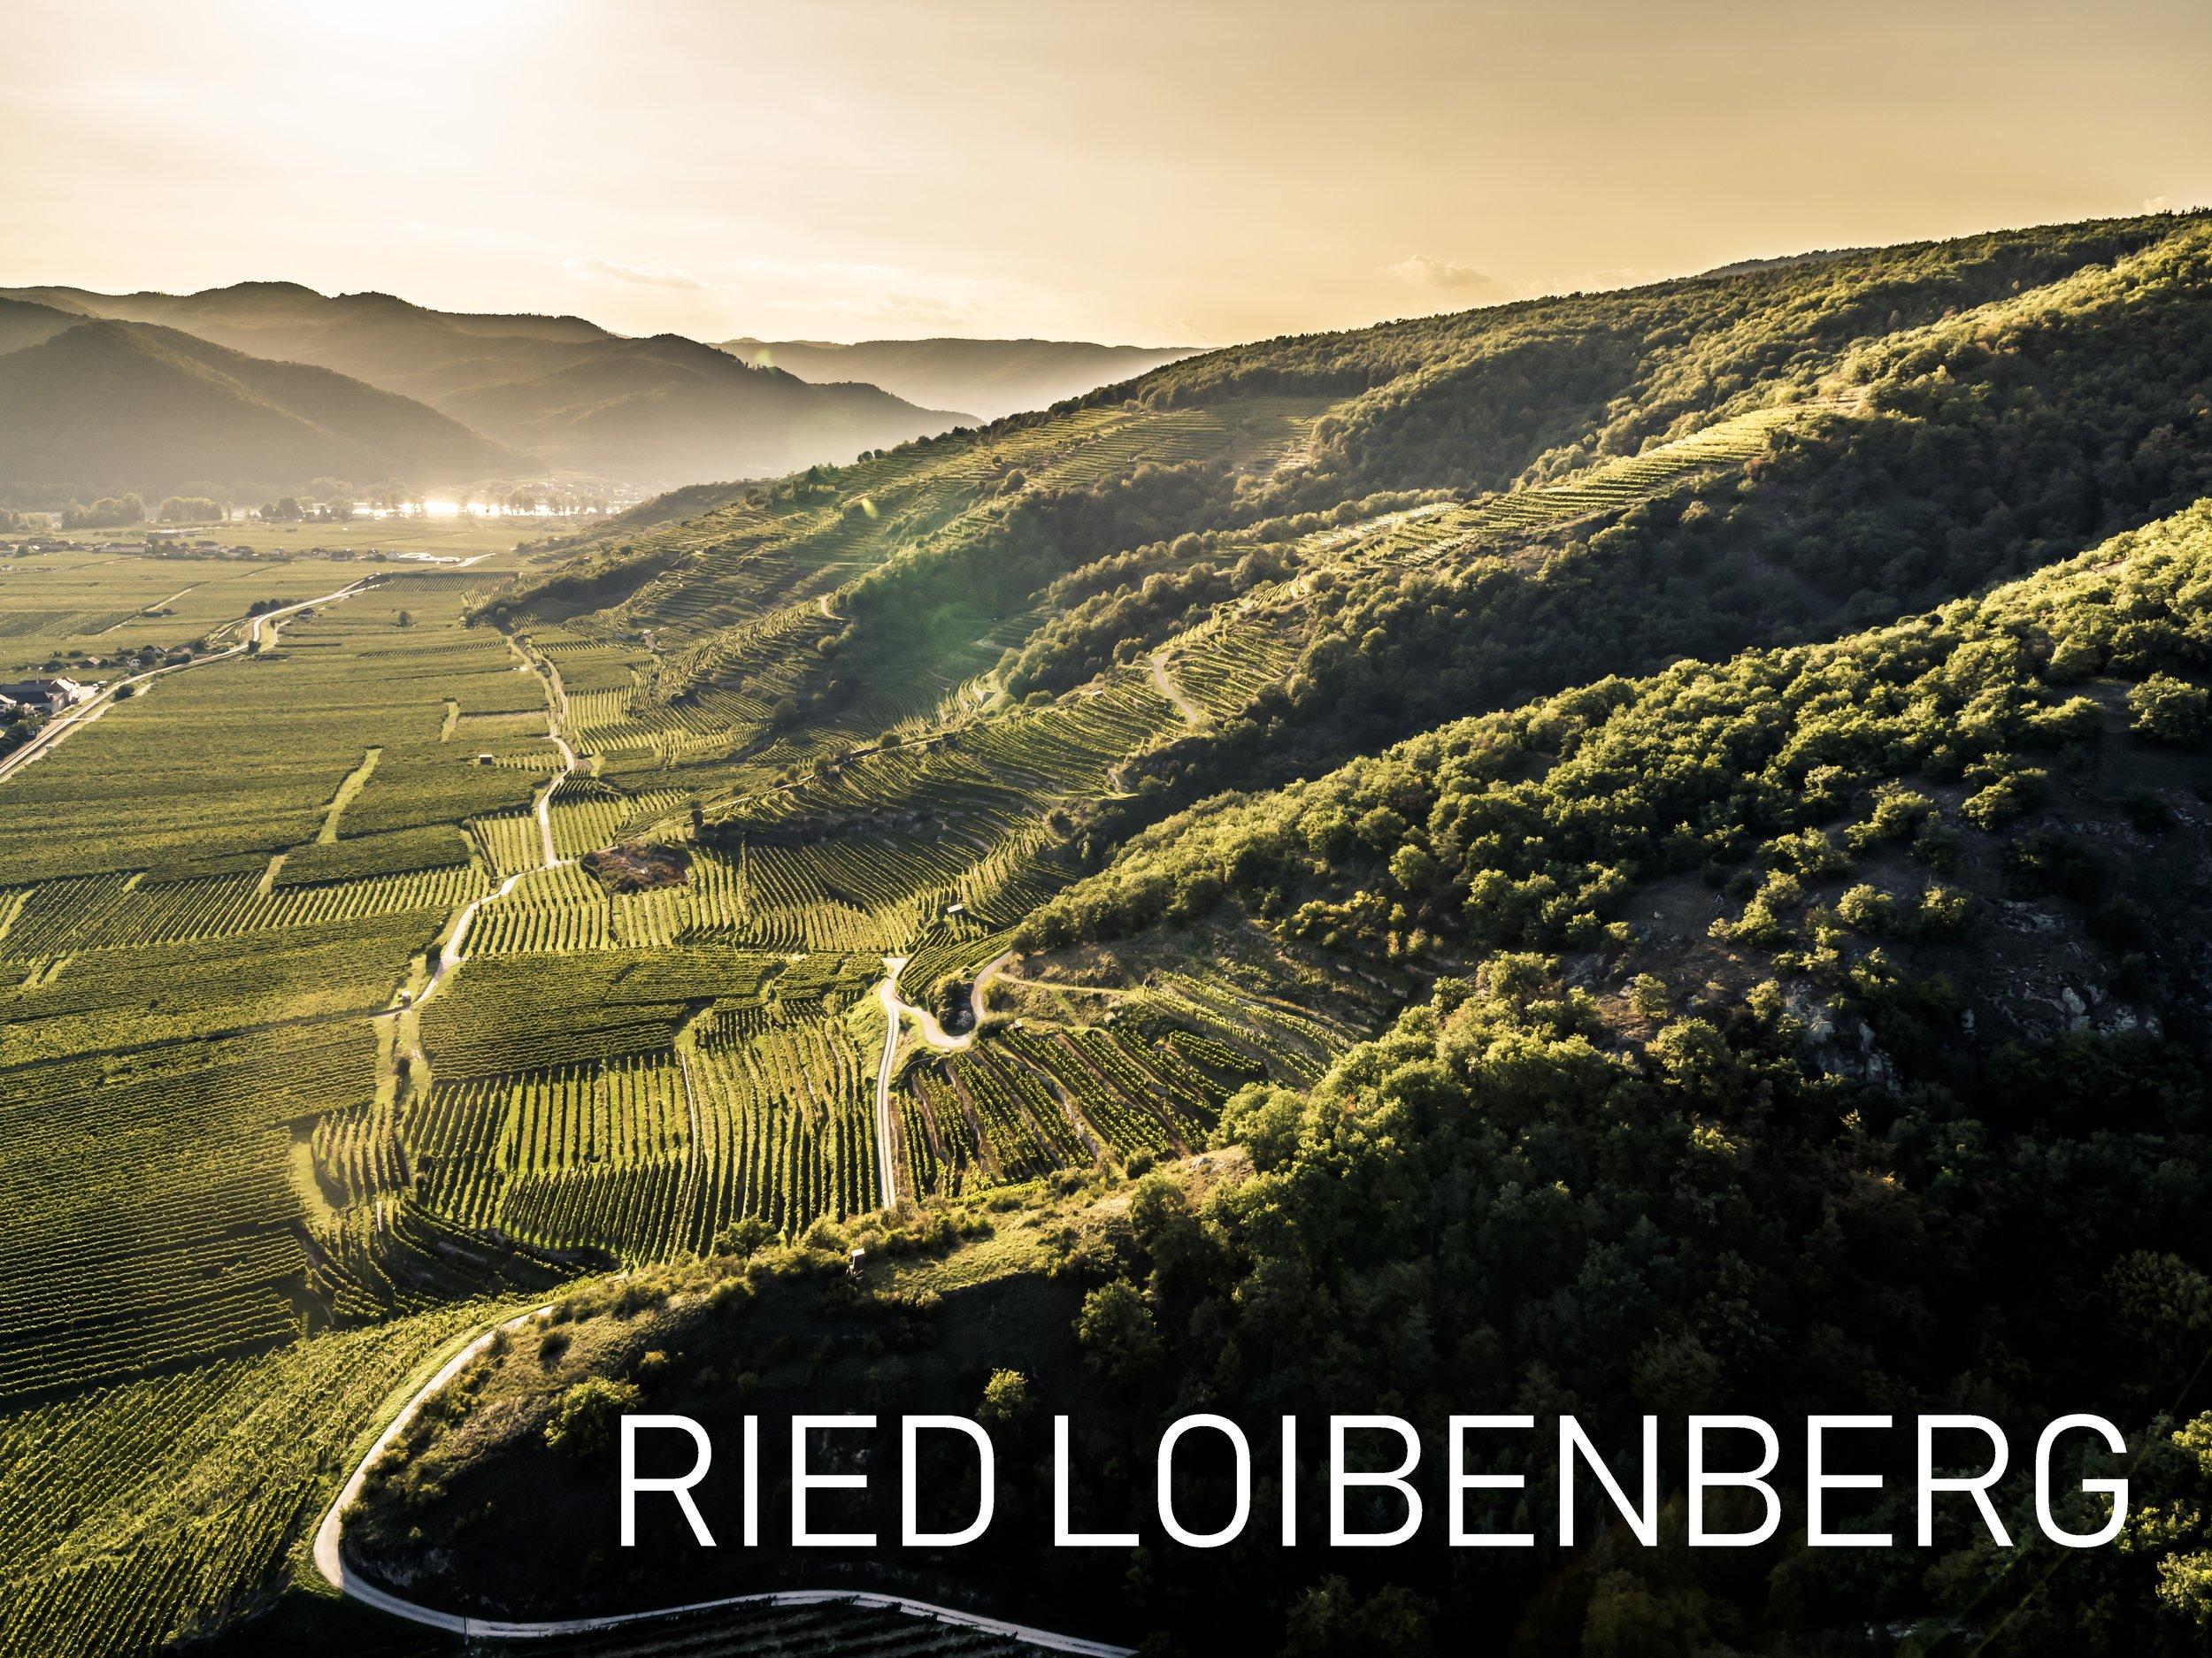 Herbst_Ried_Loibenberg.jpg